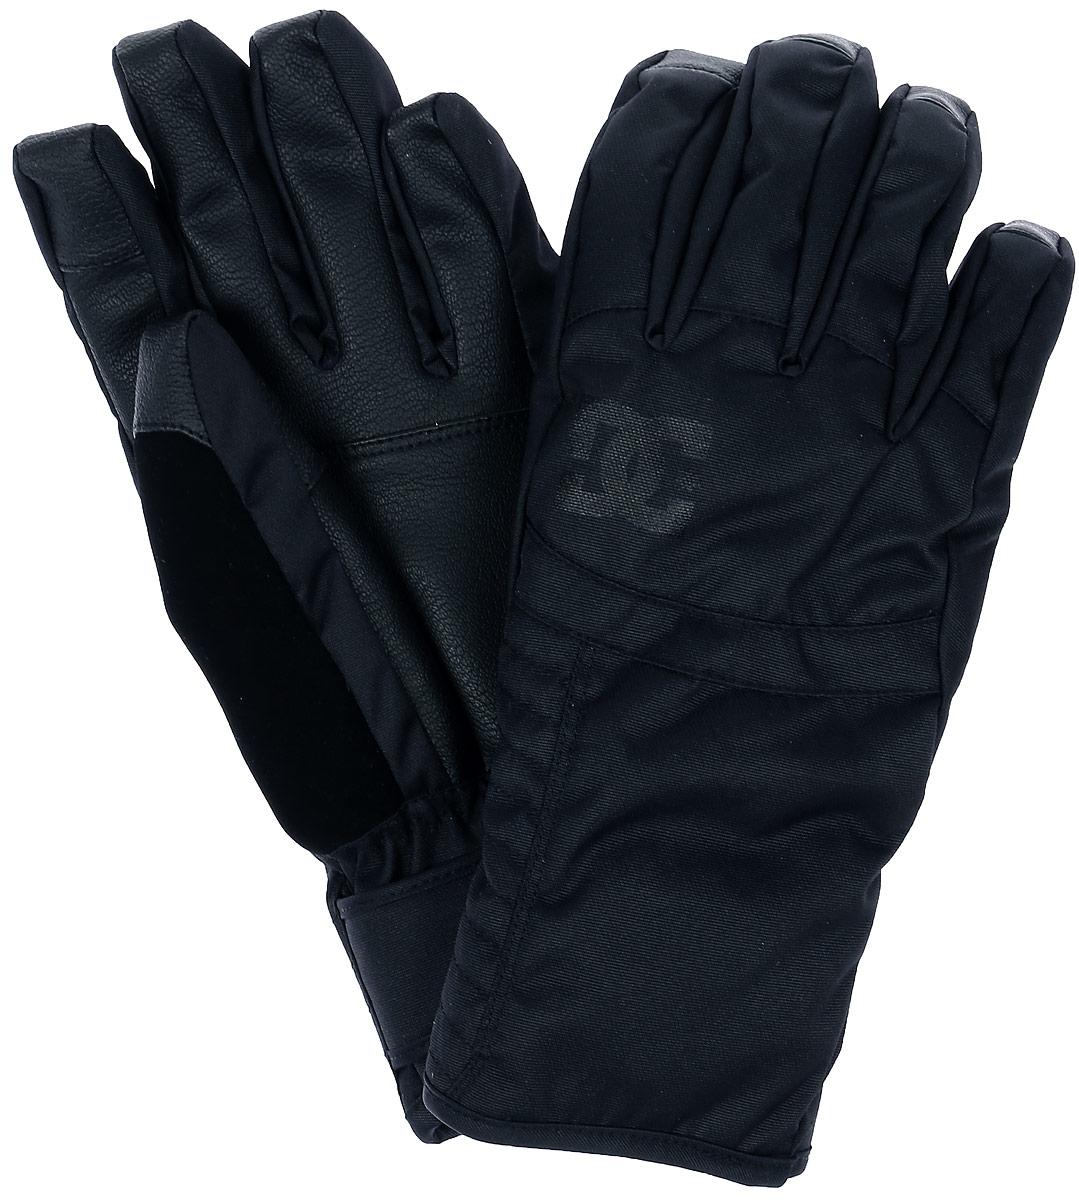 Перчатки женcкие DC Shoes Seger Wmn Glove, цвет: черный. EDJHN03007-KVJ0. Размер L (7,5/8)EDJHN03007-KVJ0Женские перчатки DC Shoes Seger Wmn Glove выполнены из высококачественного полиэстера и полиуретана, которые не пропускают воду. Модель оформлена декоративной прострочкой и принтом с изображением логотипа бренда. Варежки дополнены эластичными резинками и ремнем с липучкой, которые надежно зафиксируют модель на запястье, не сдавливая его. Внутренняя поверхность выполнена из мягкого утепленного полиэстера. Также перчатки оснащены застежкой-фастексом.